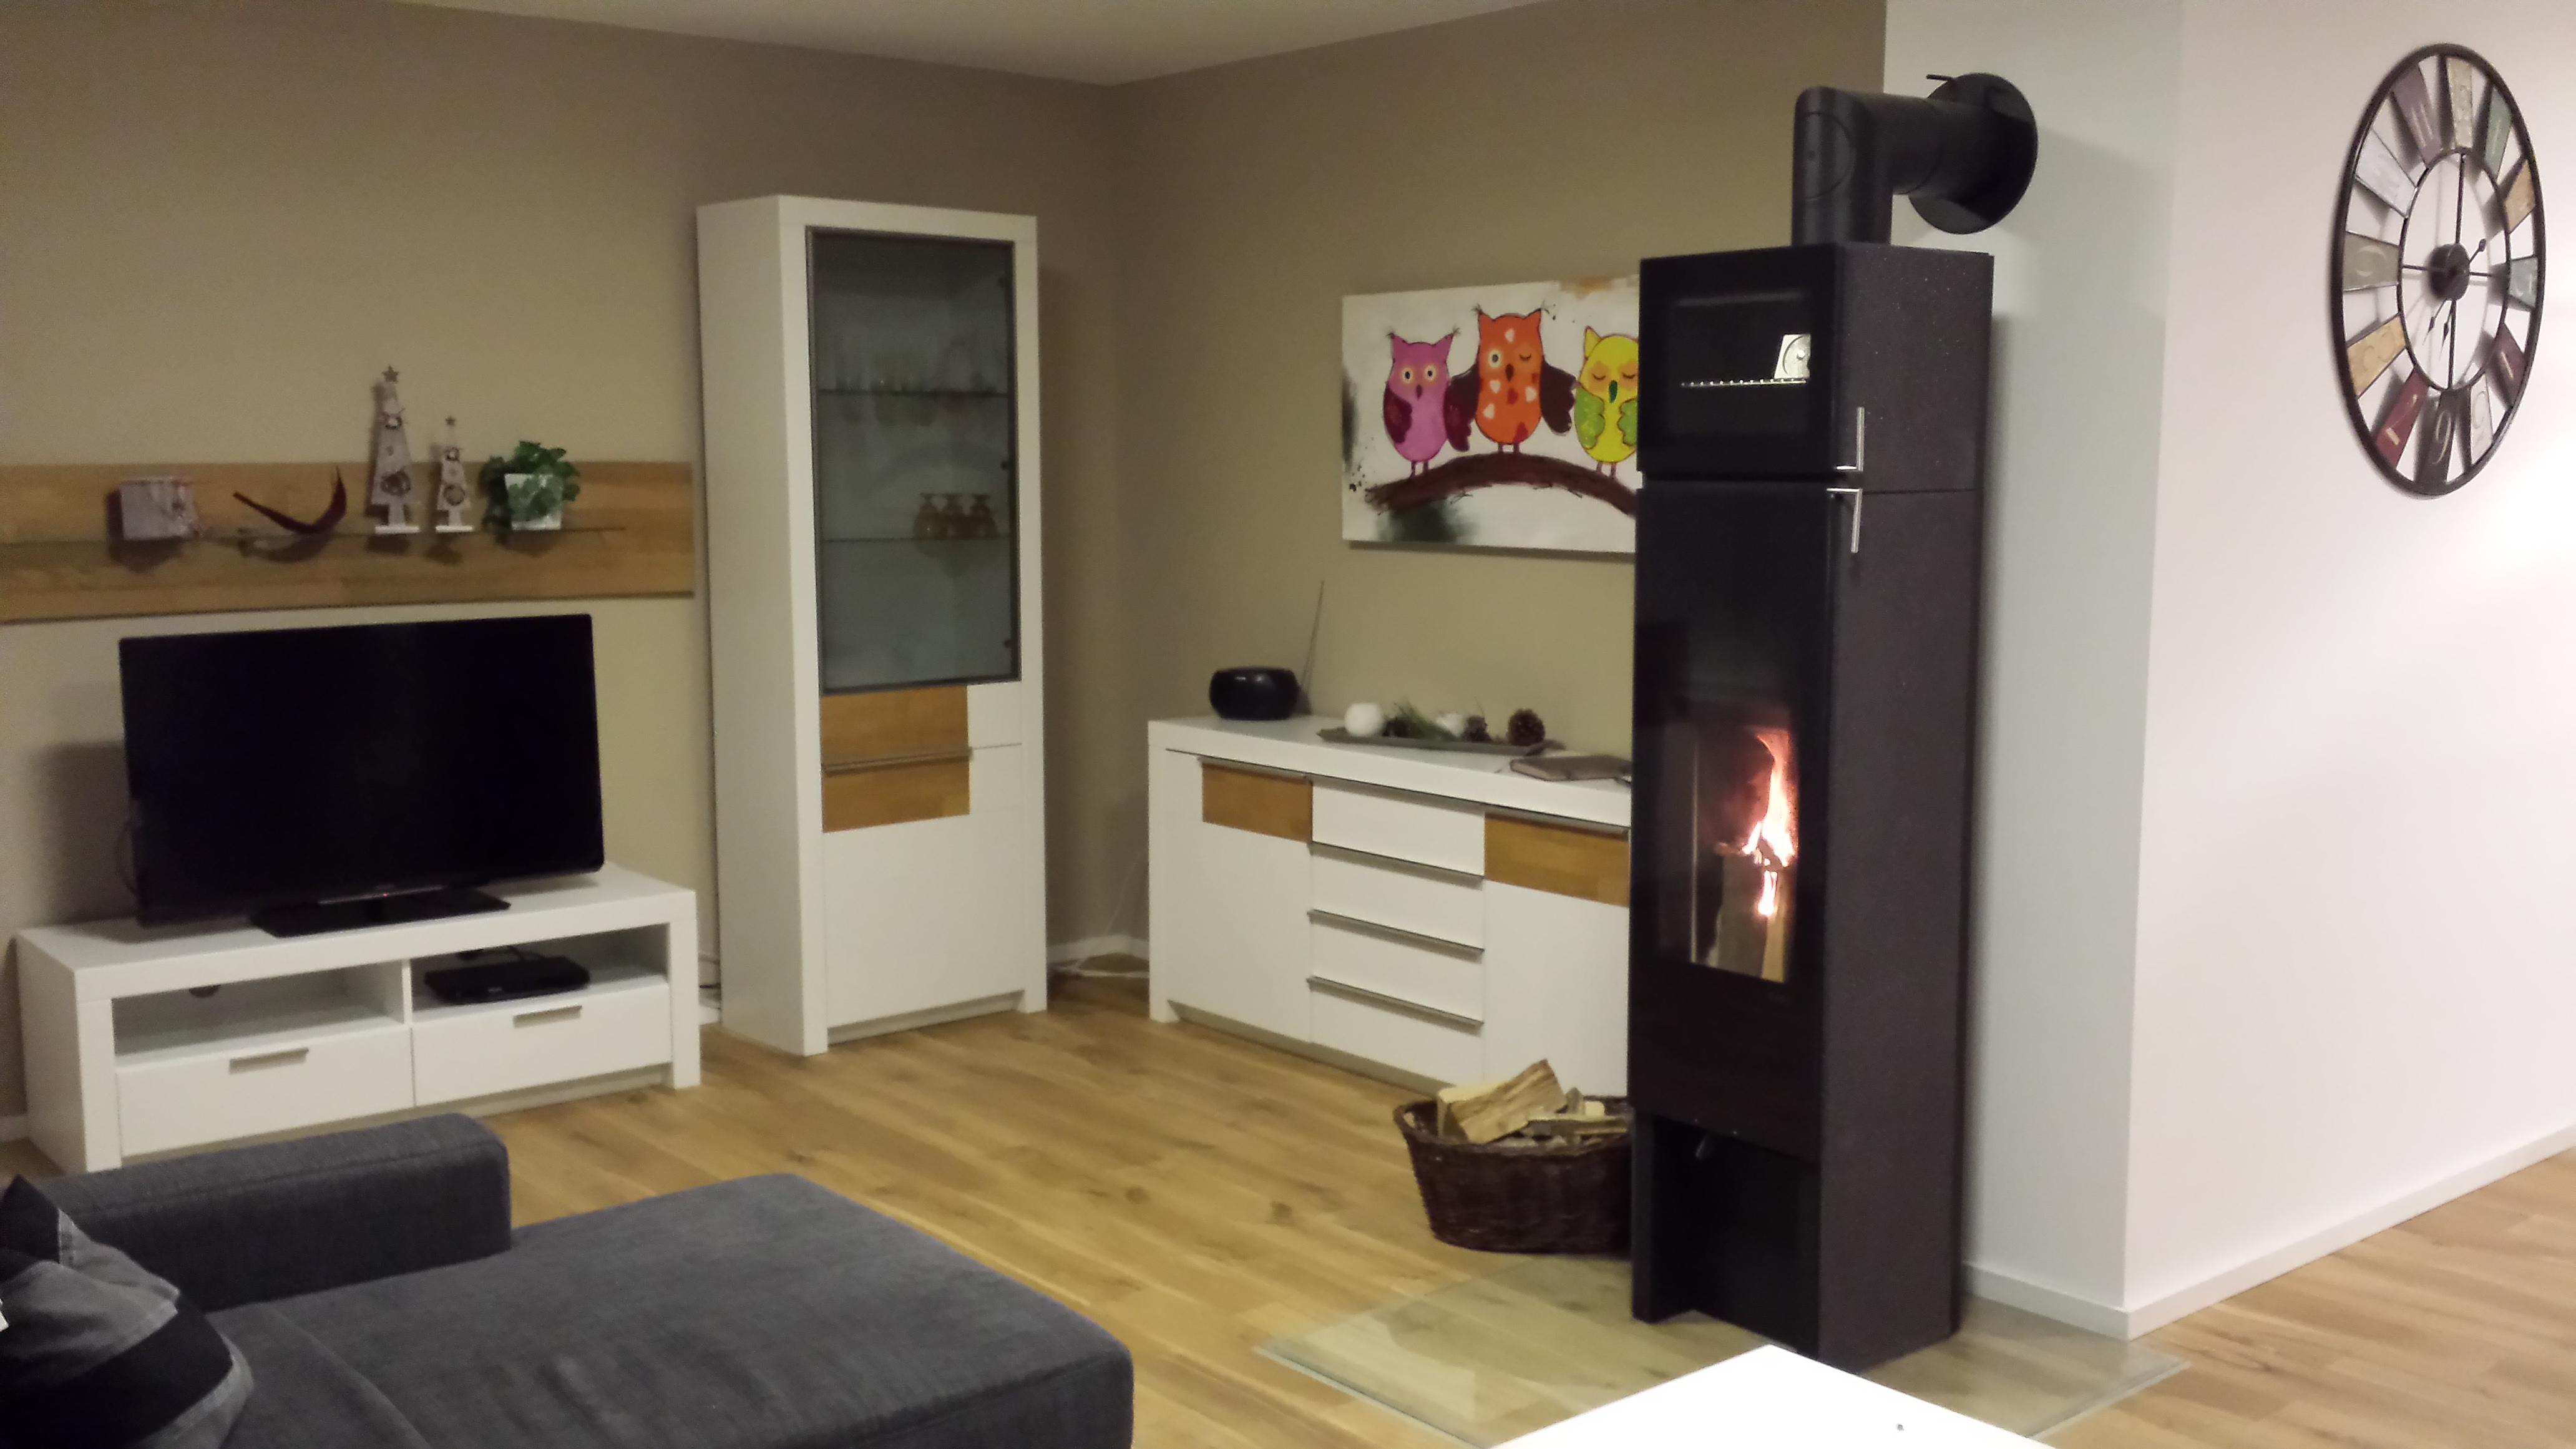 ofen wohnzimmer wohnzimmer mit ofen with ofen wohnzimmer. Black Bedroom Furniture Sets. Home Design Ideas